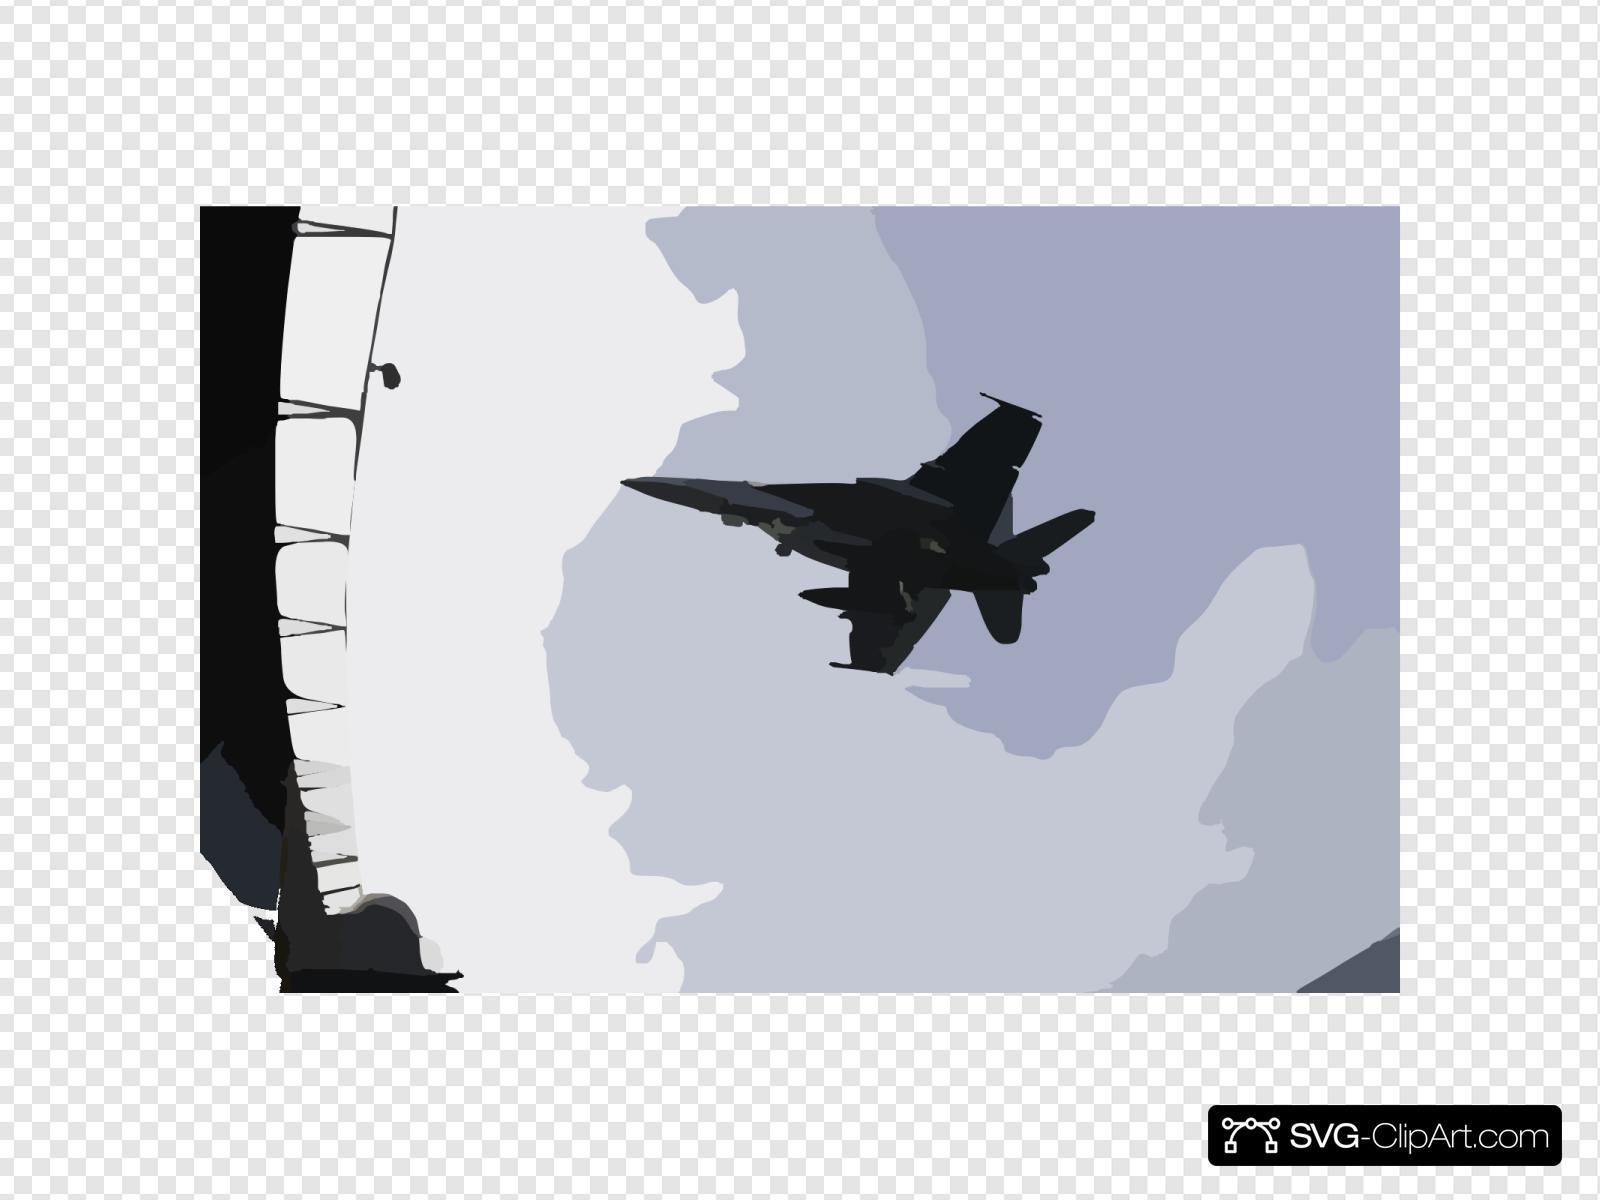 An F/a-18e Super Hornet Prepares To Make An Arrested Landing On The Flight Deck Of The Nuclear Powered Aircraft Carrier Uss Nimitz (cvn 68).